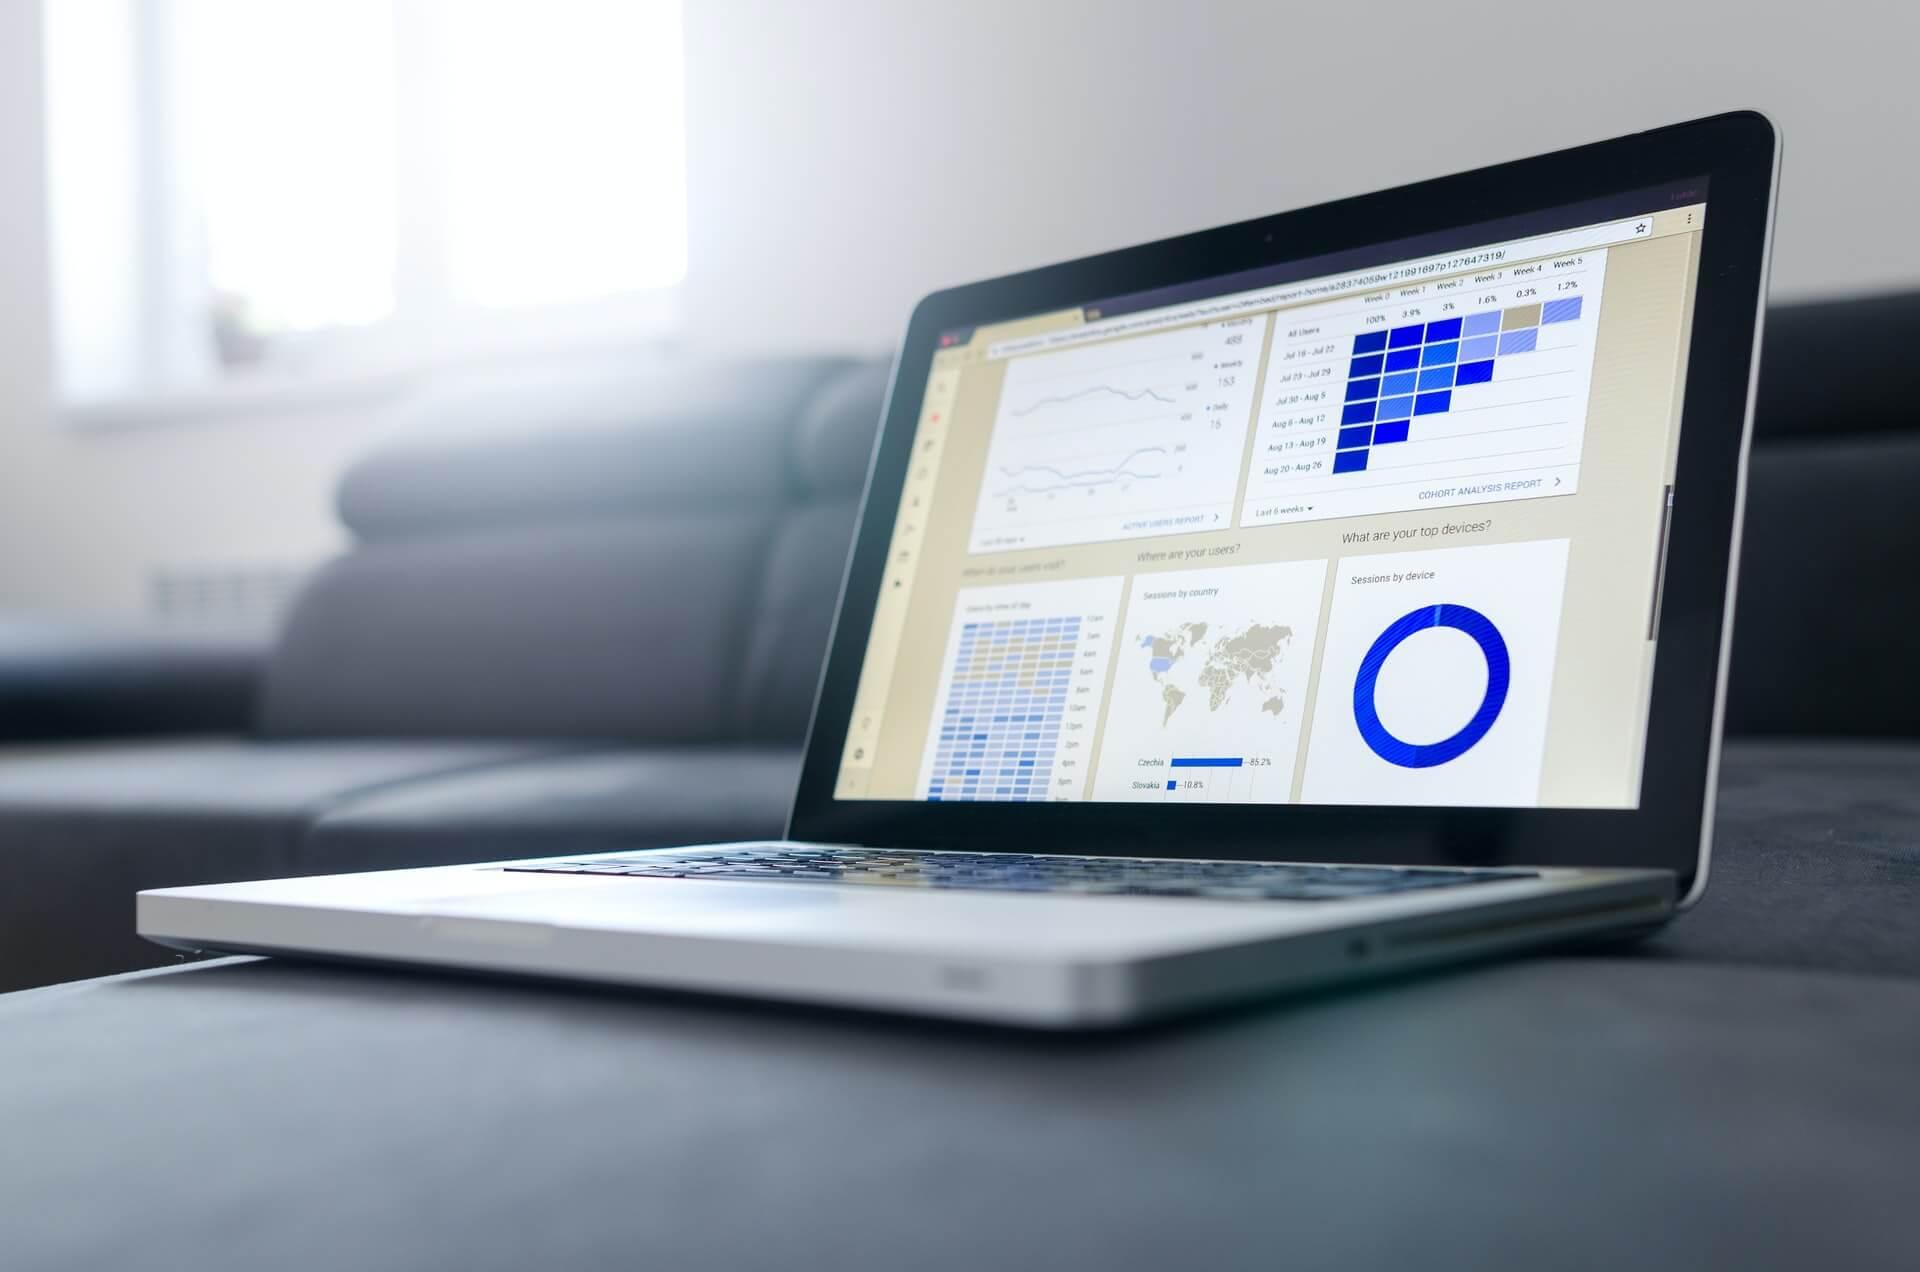 Laptop showing analytics data